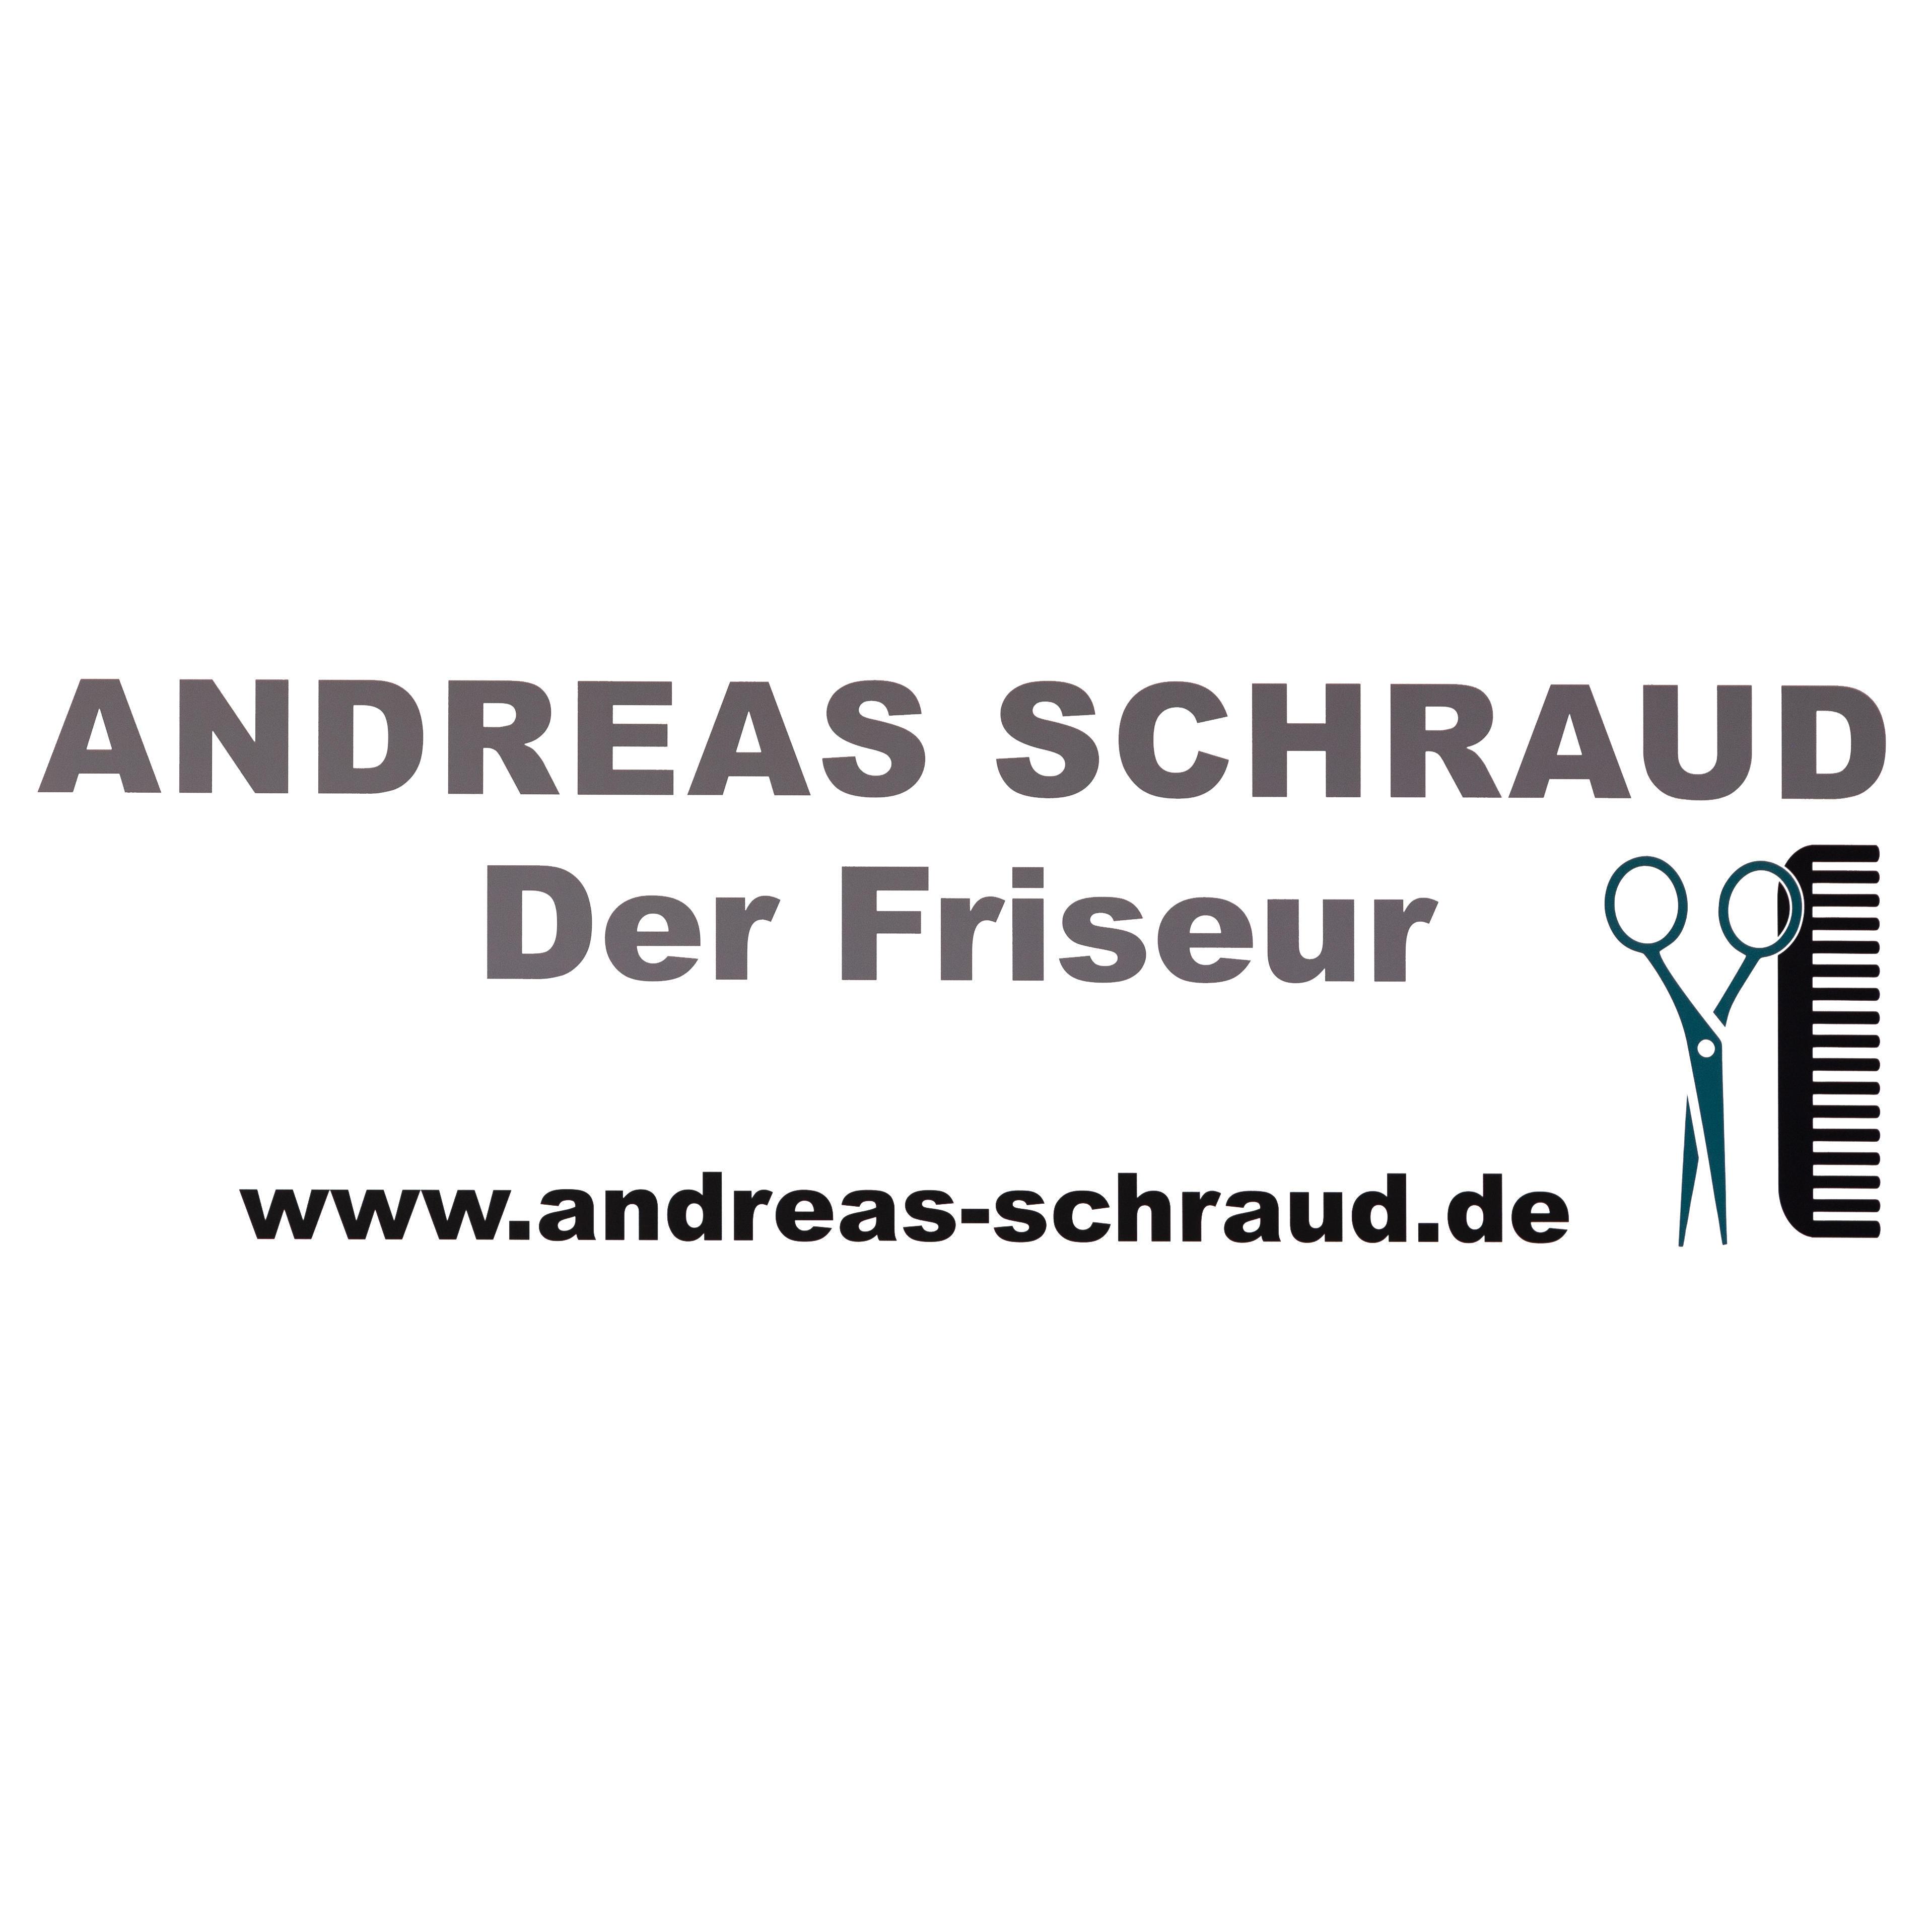 Bild zu Andreas Schraud DER FRISEUR in Würzburg